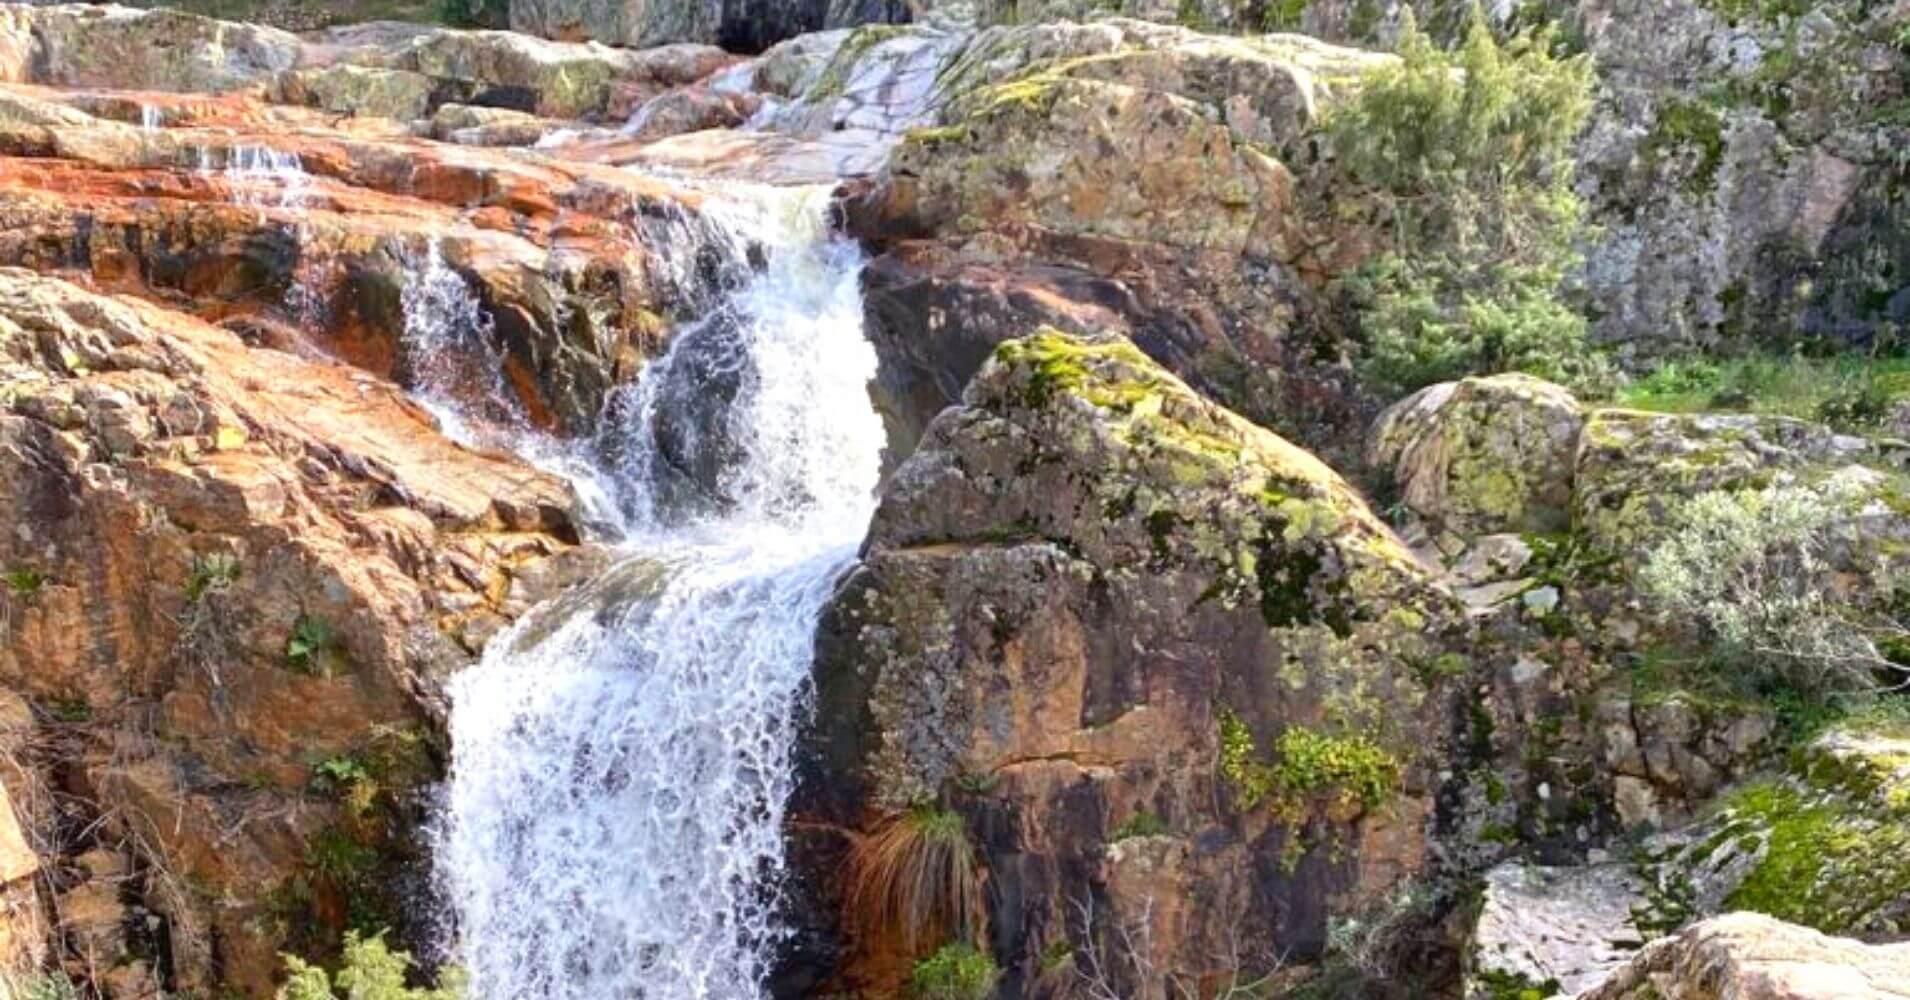 Cascada de la Batanera. Valle de Alcudia y Sierra Madrona. Fuencaliente, Ciudad Real.